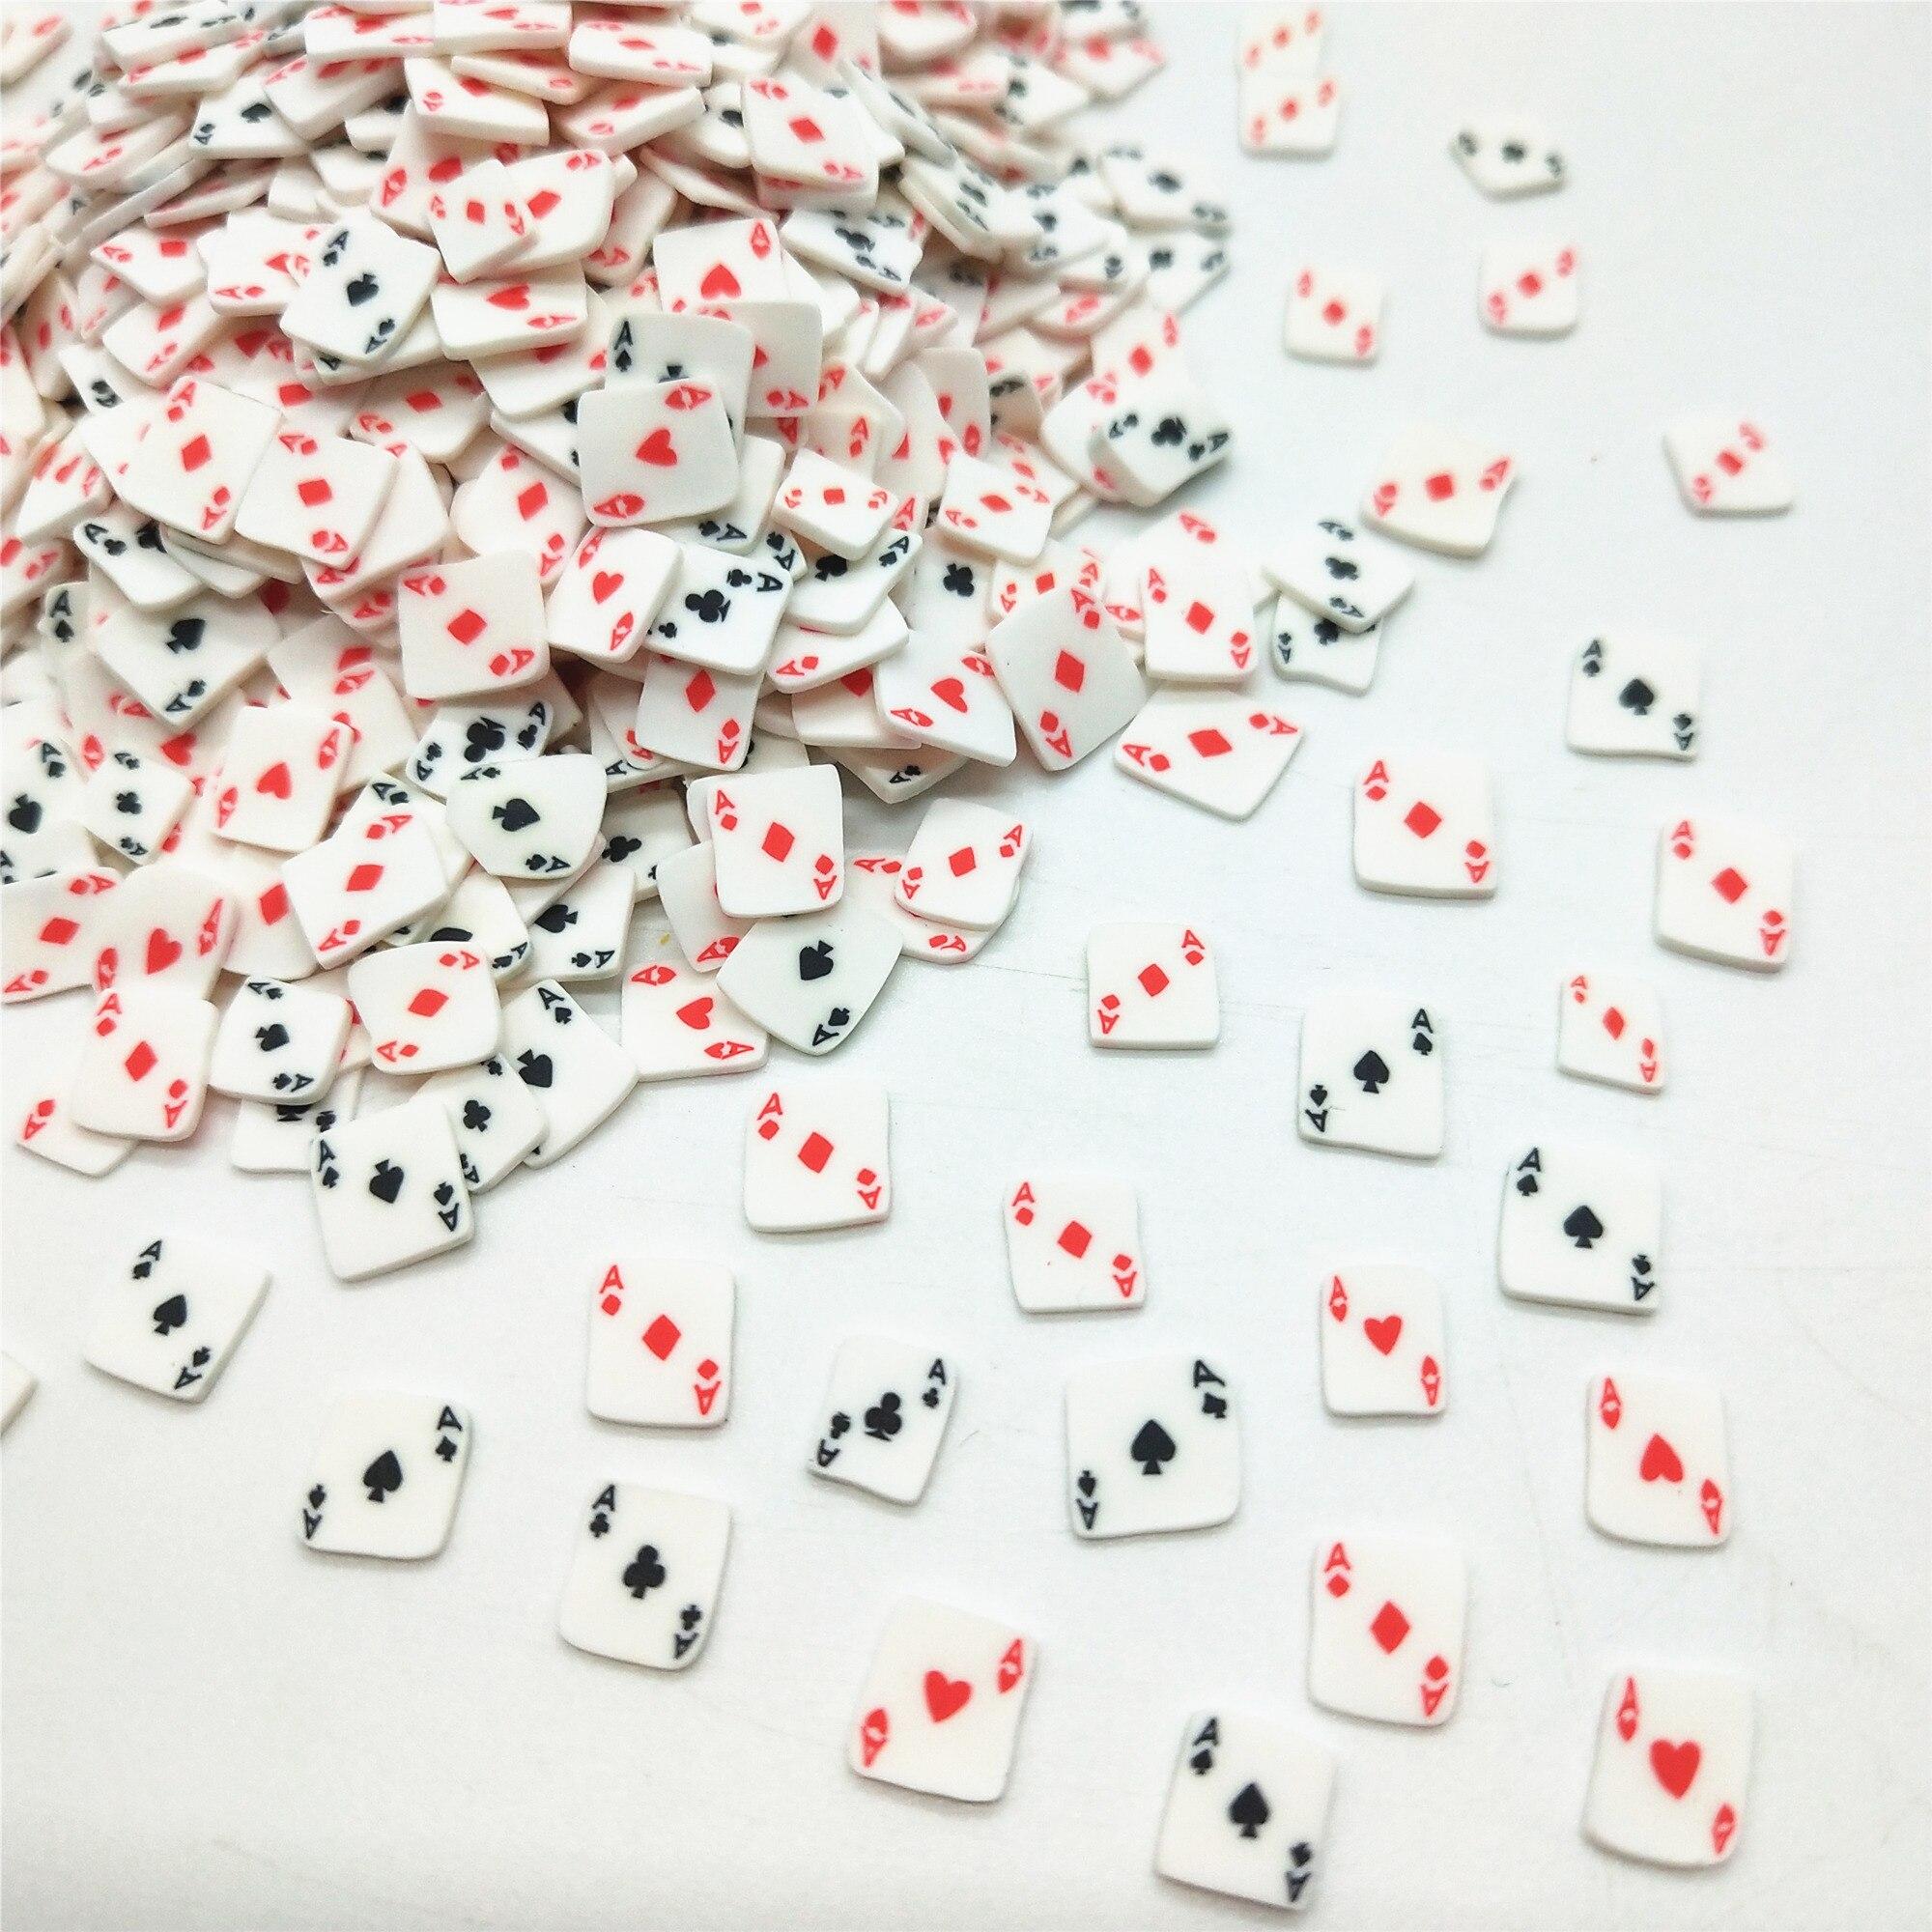 20 г/лот Ace Poker игральные карты полимерные глиняные Ломтики для поделок своими руками 5 мм пластиковые клеи частицы грязи глины